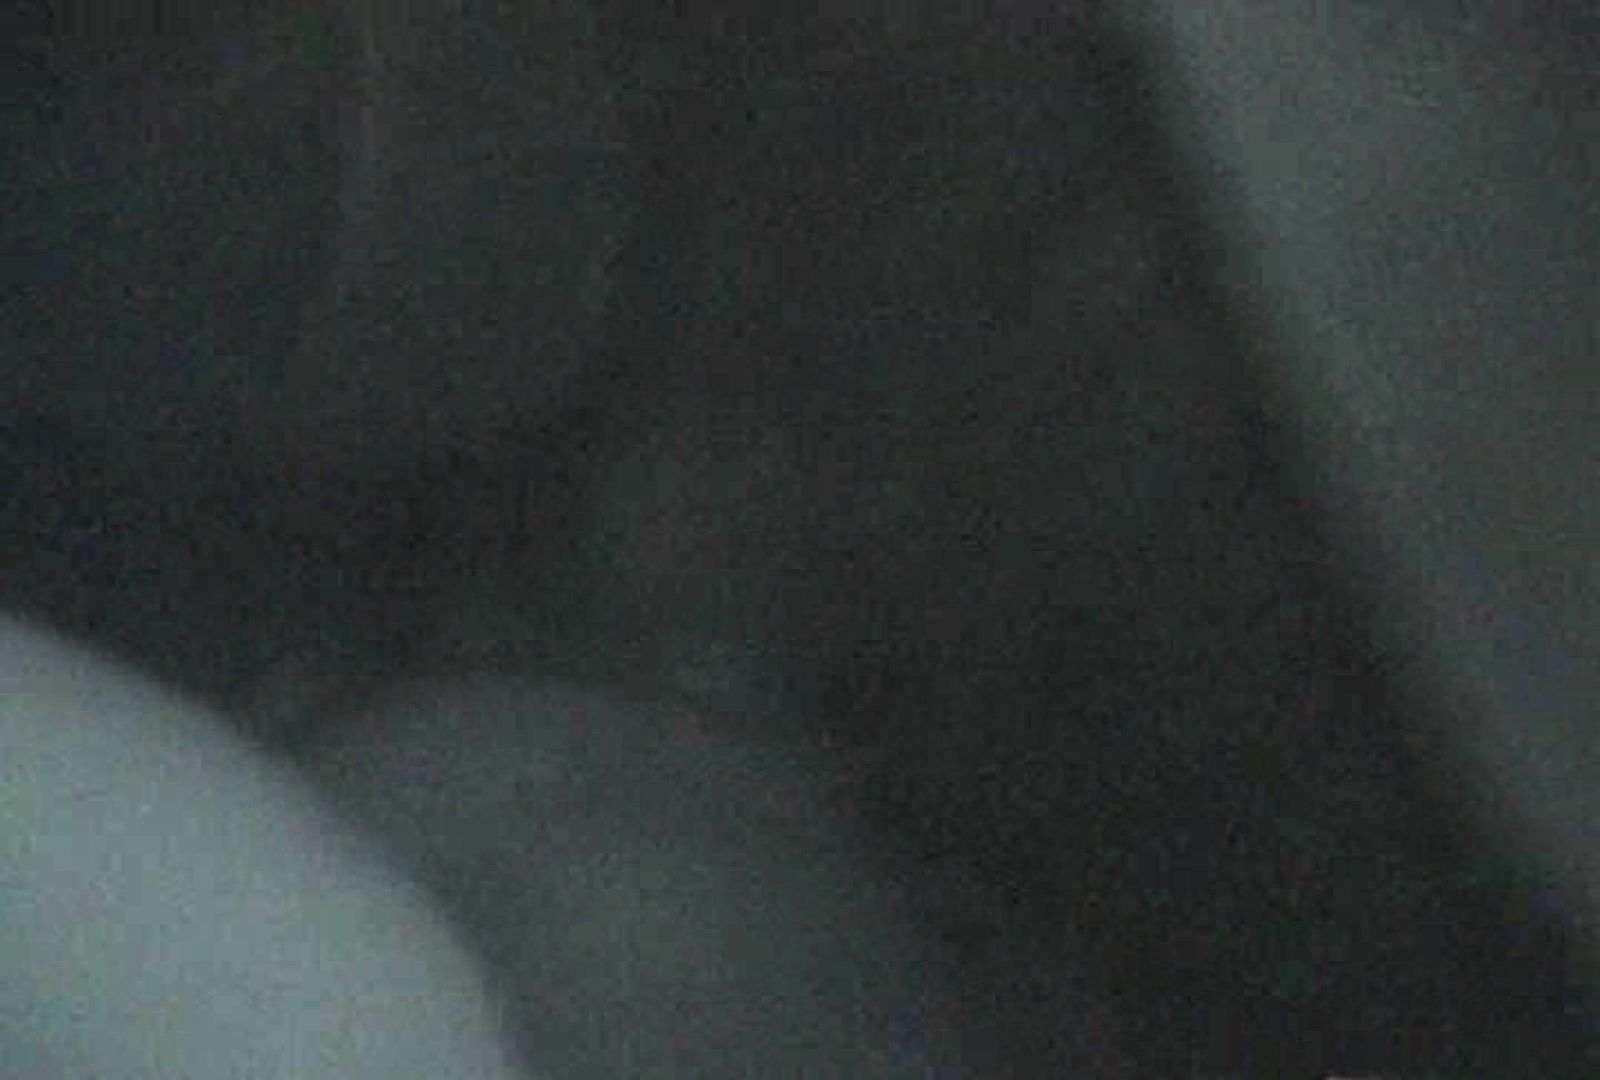 「充血監督」さんの深夜の運動会!! vol.046 カップル エロ画像 79画像 79